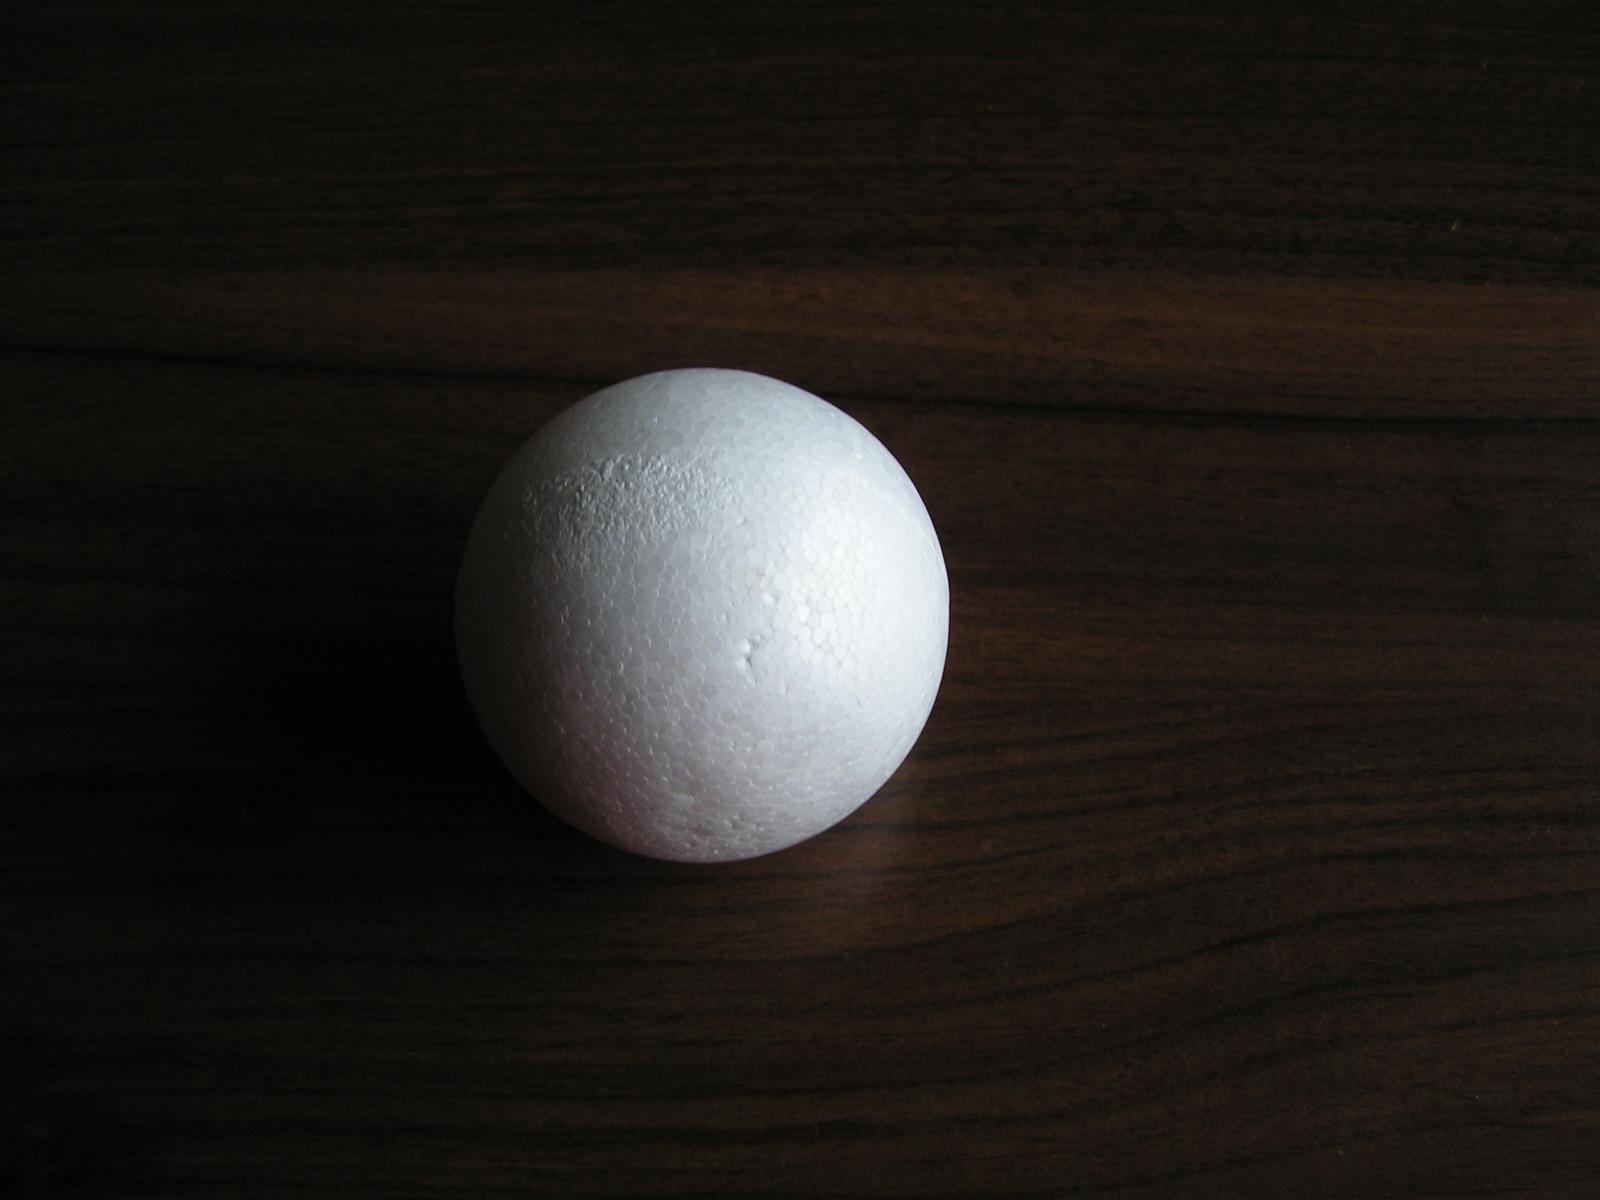 Polystyrenová koule 75 mm - Obrázek č. 1